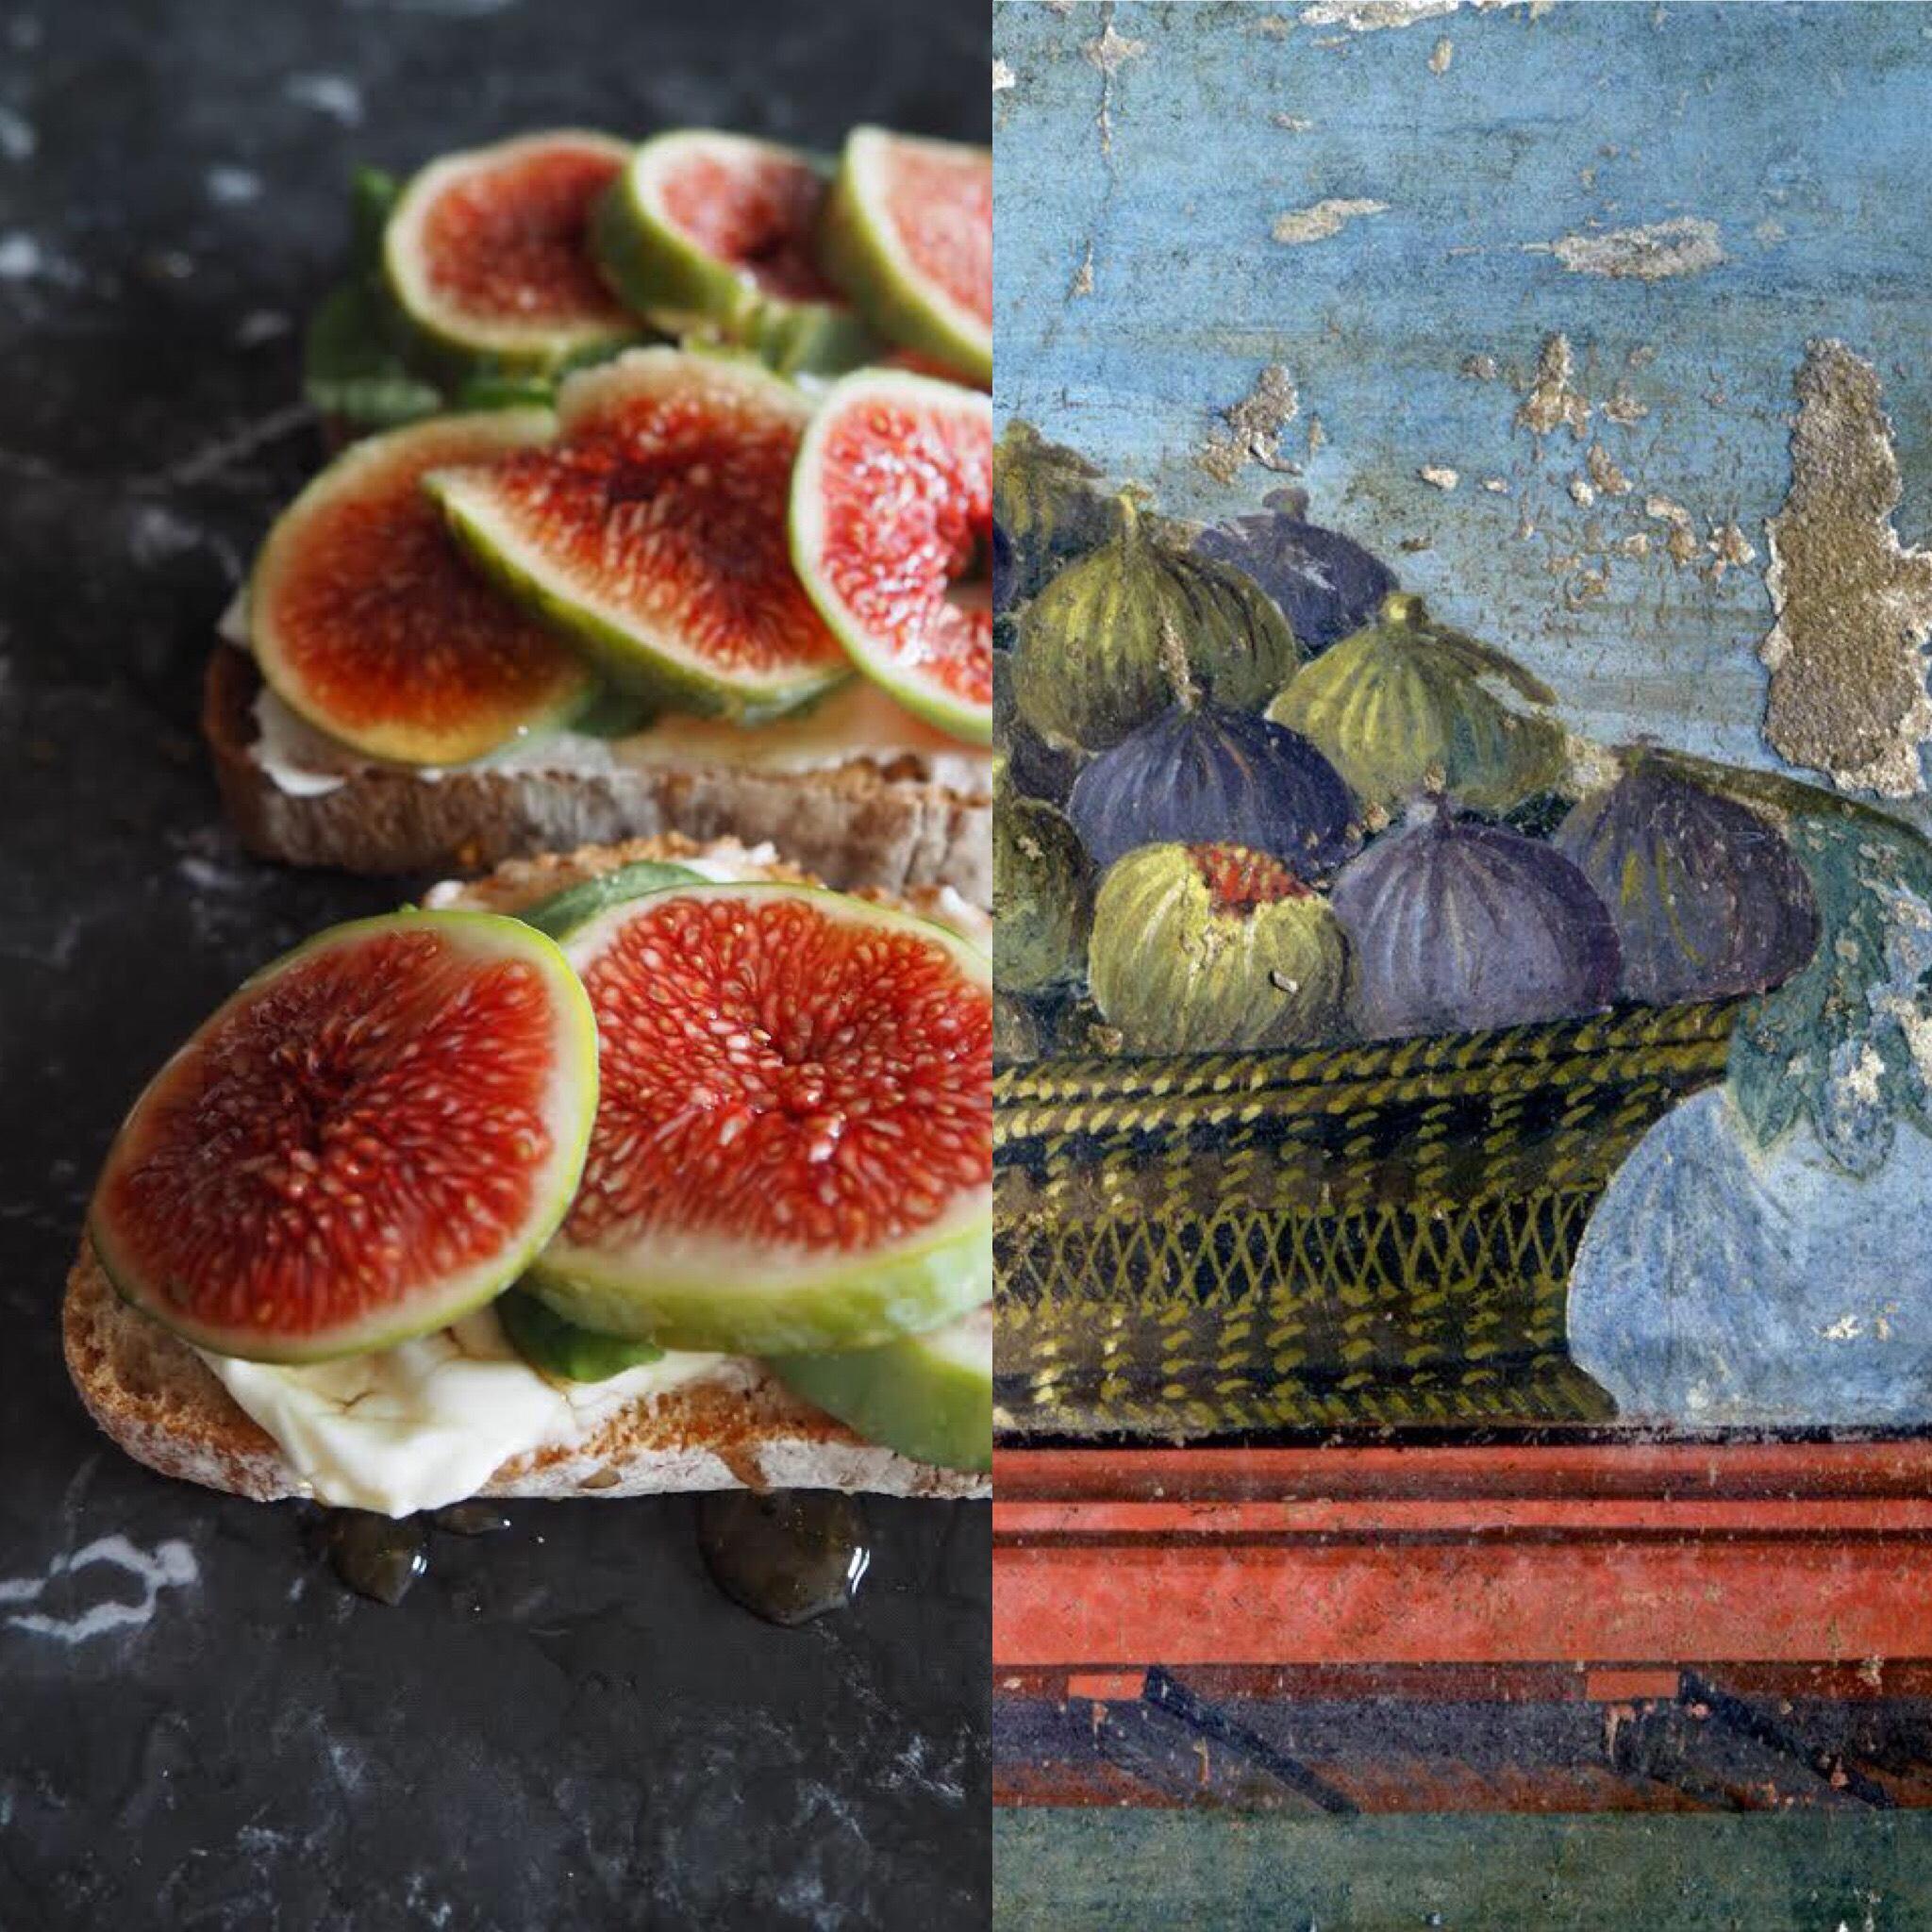 Los frescos pompeyanos y los higos con queso (ESP)